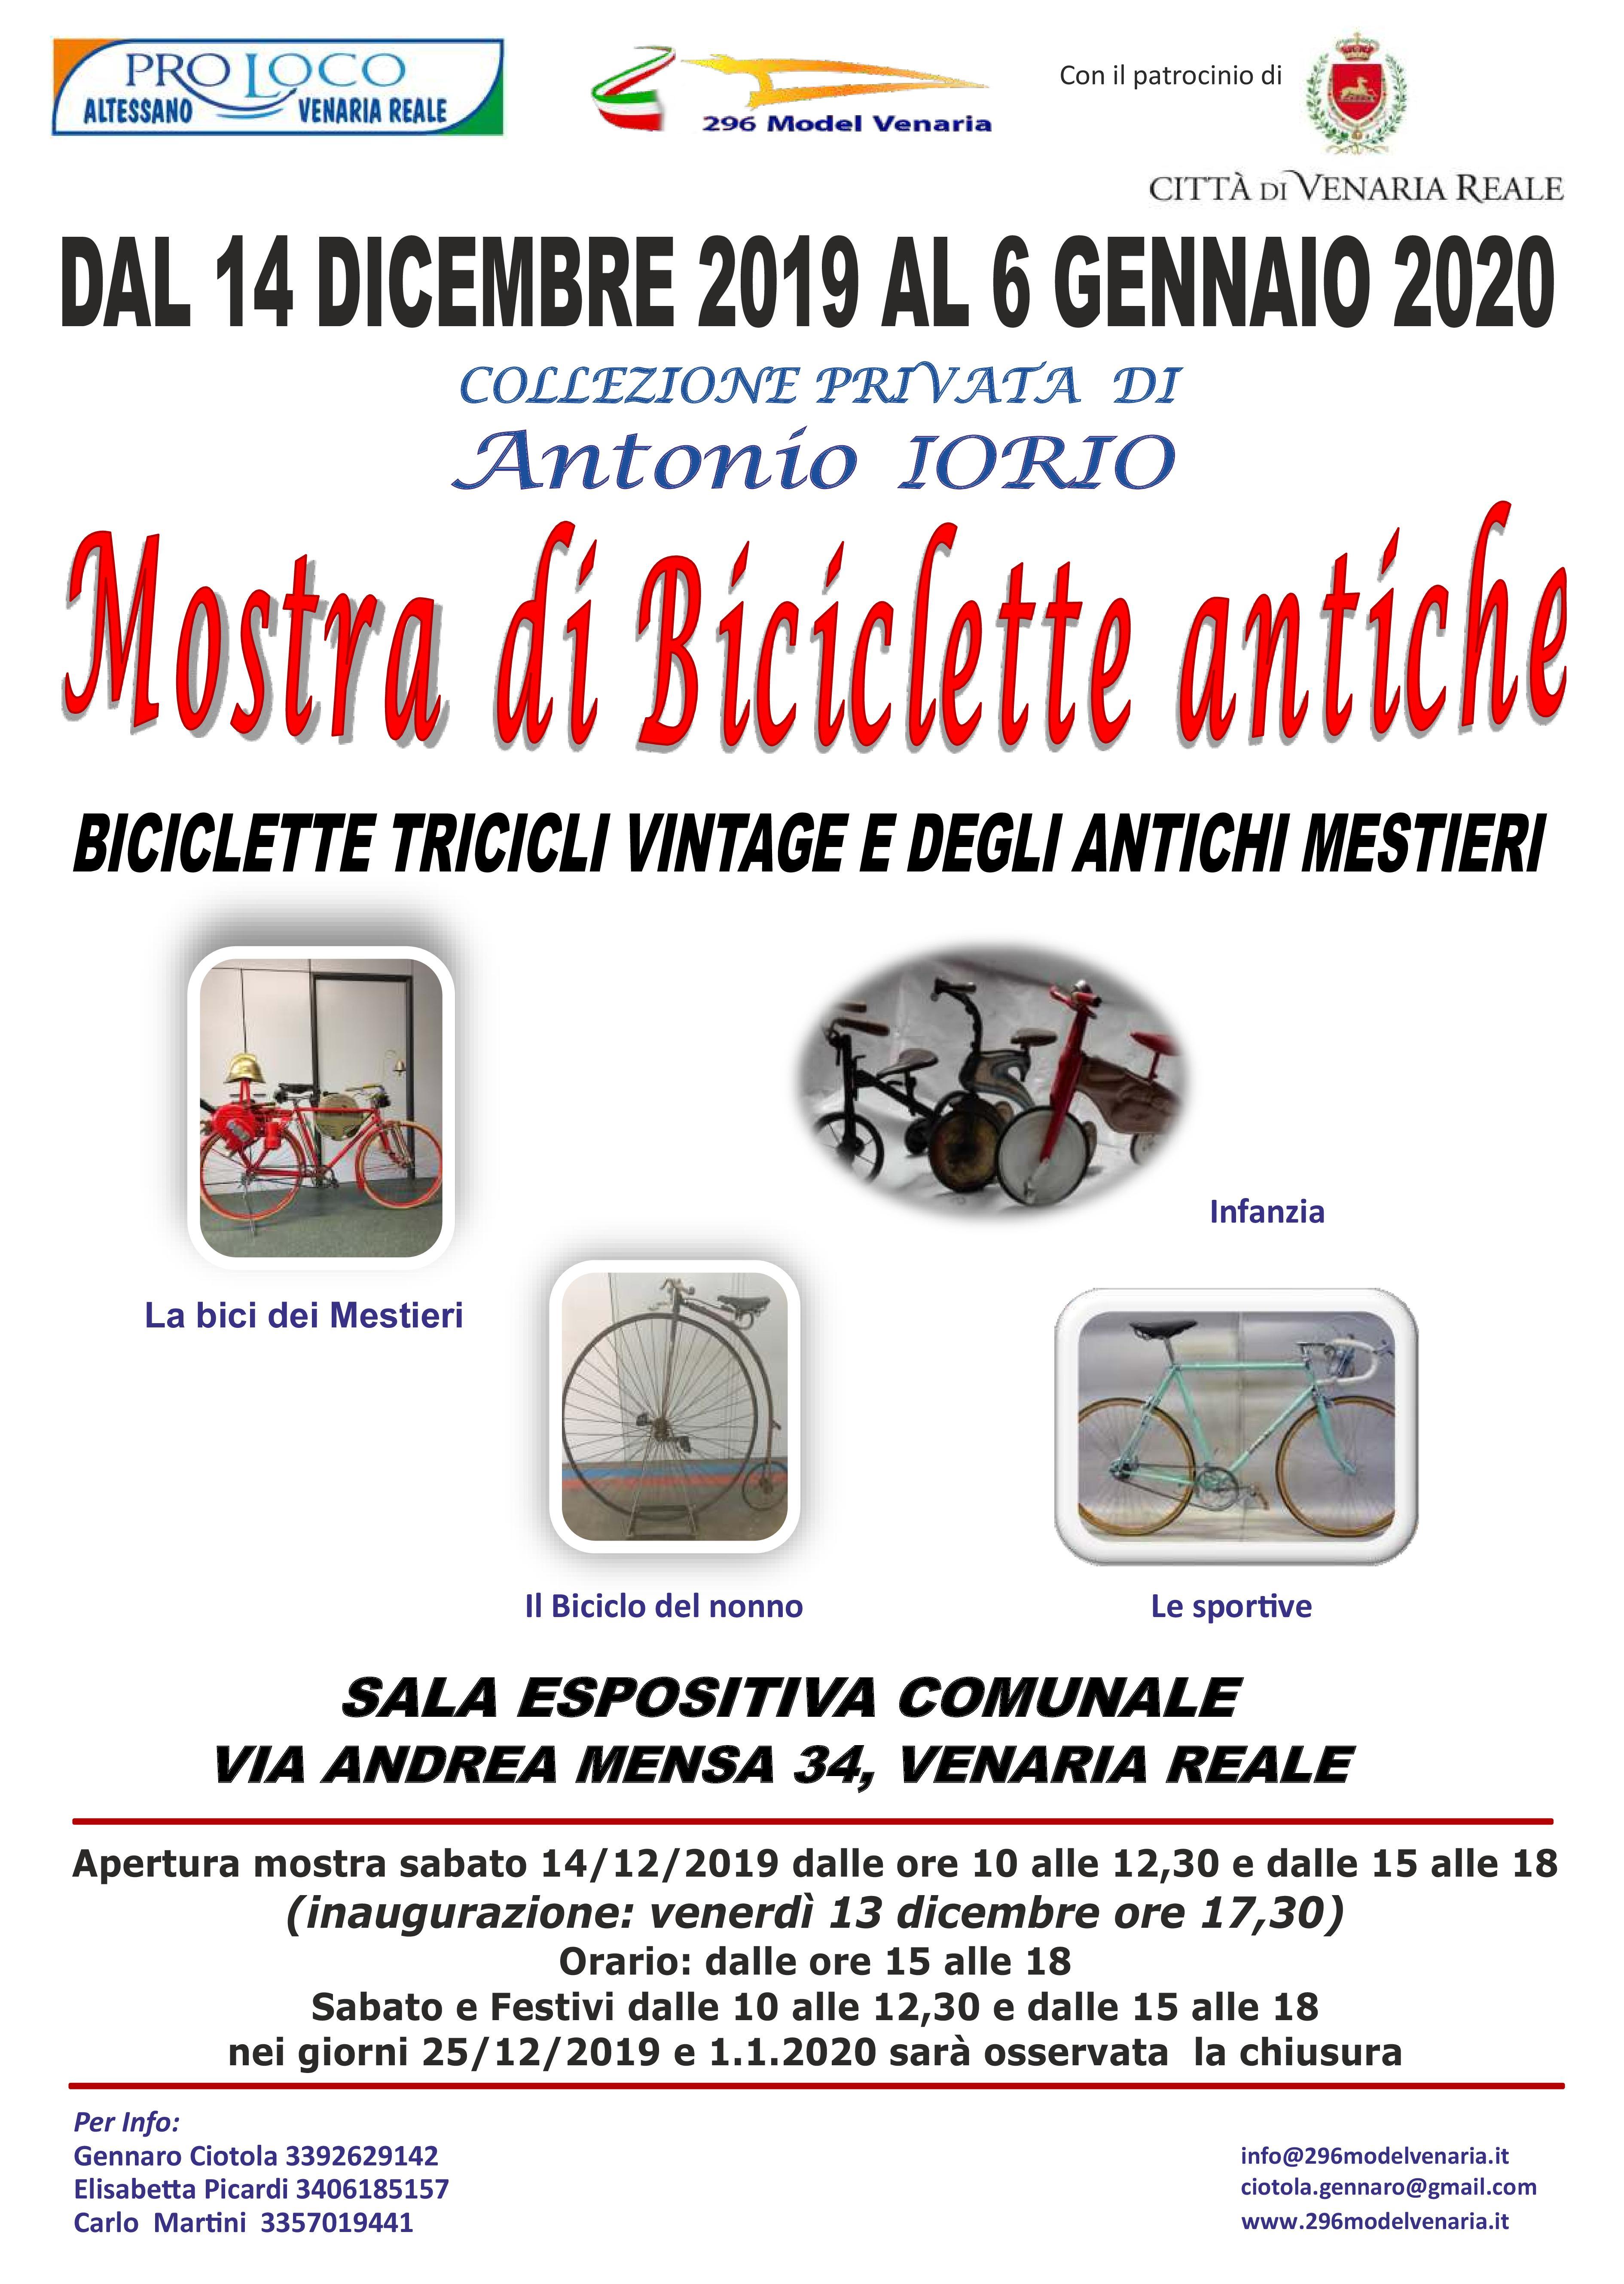 Mostra di biciclette antiche